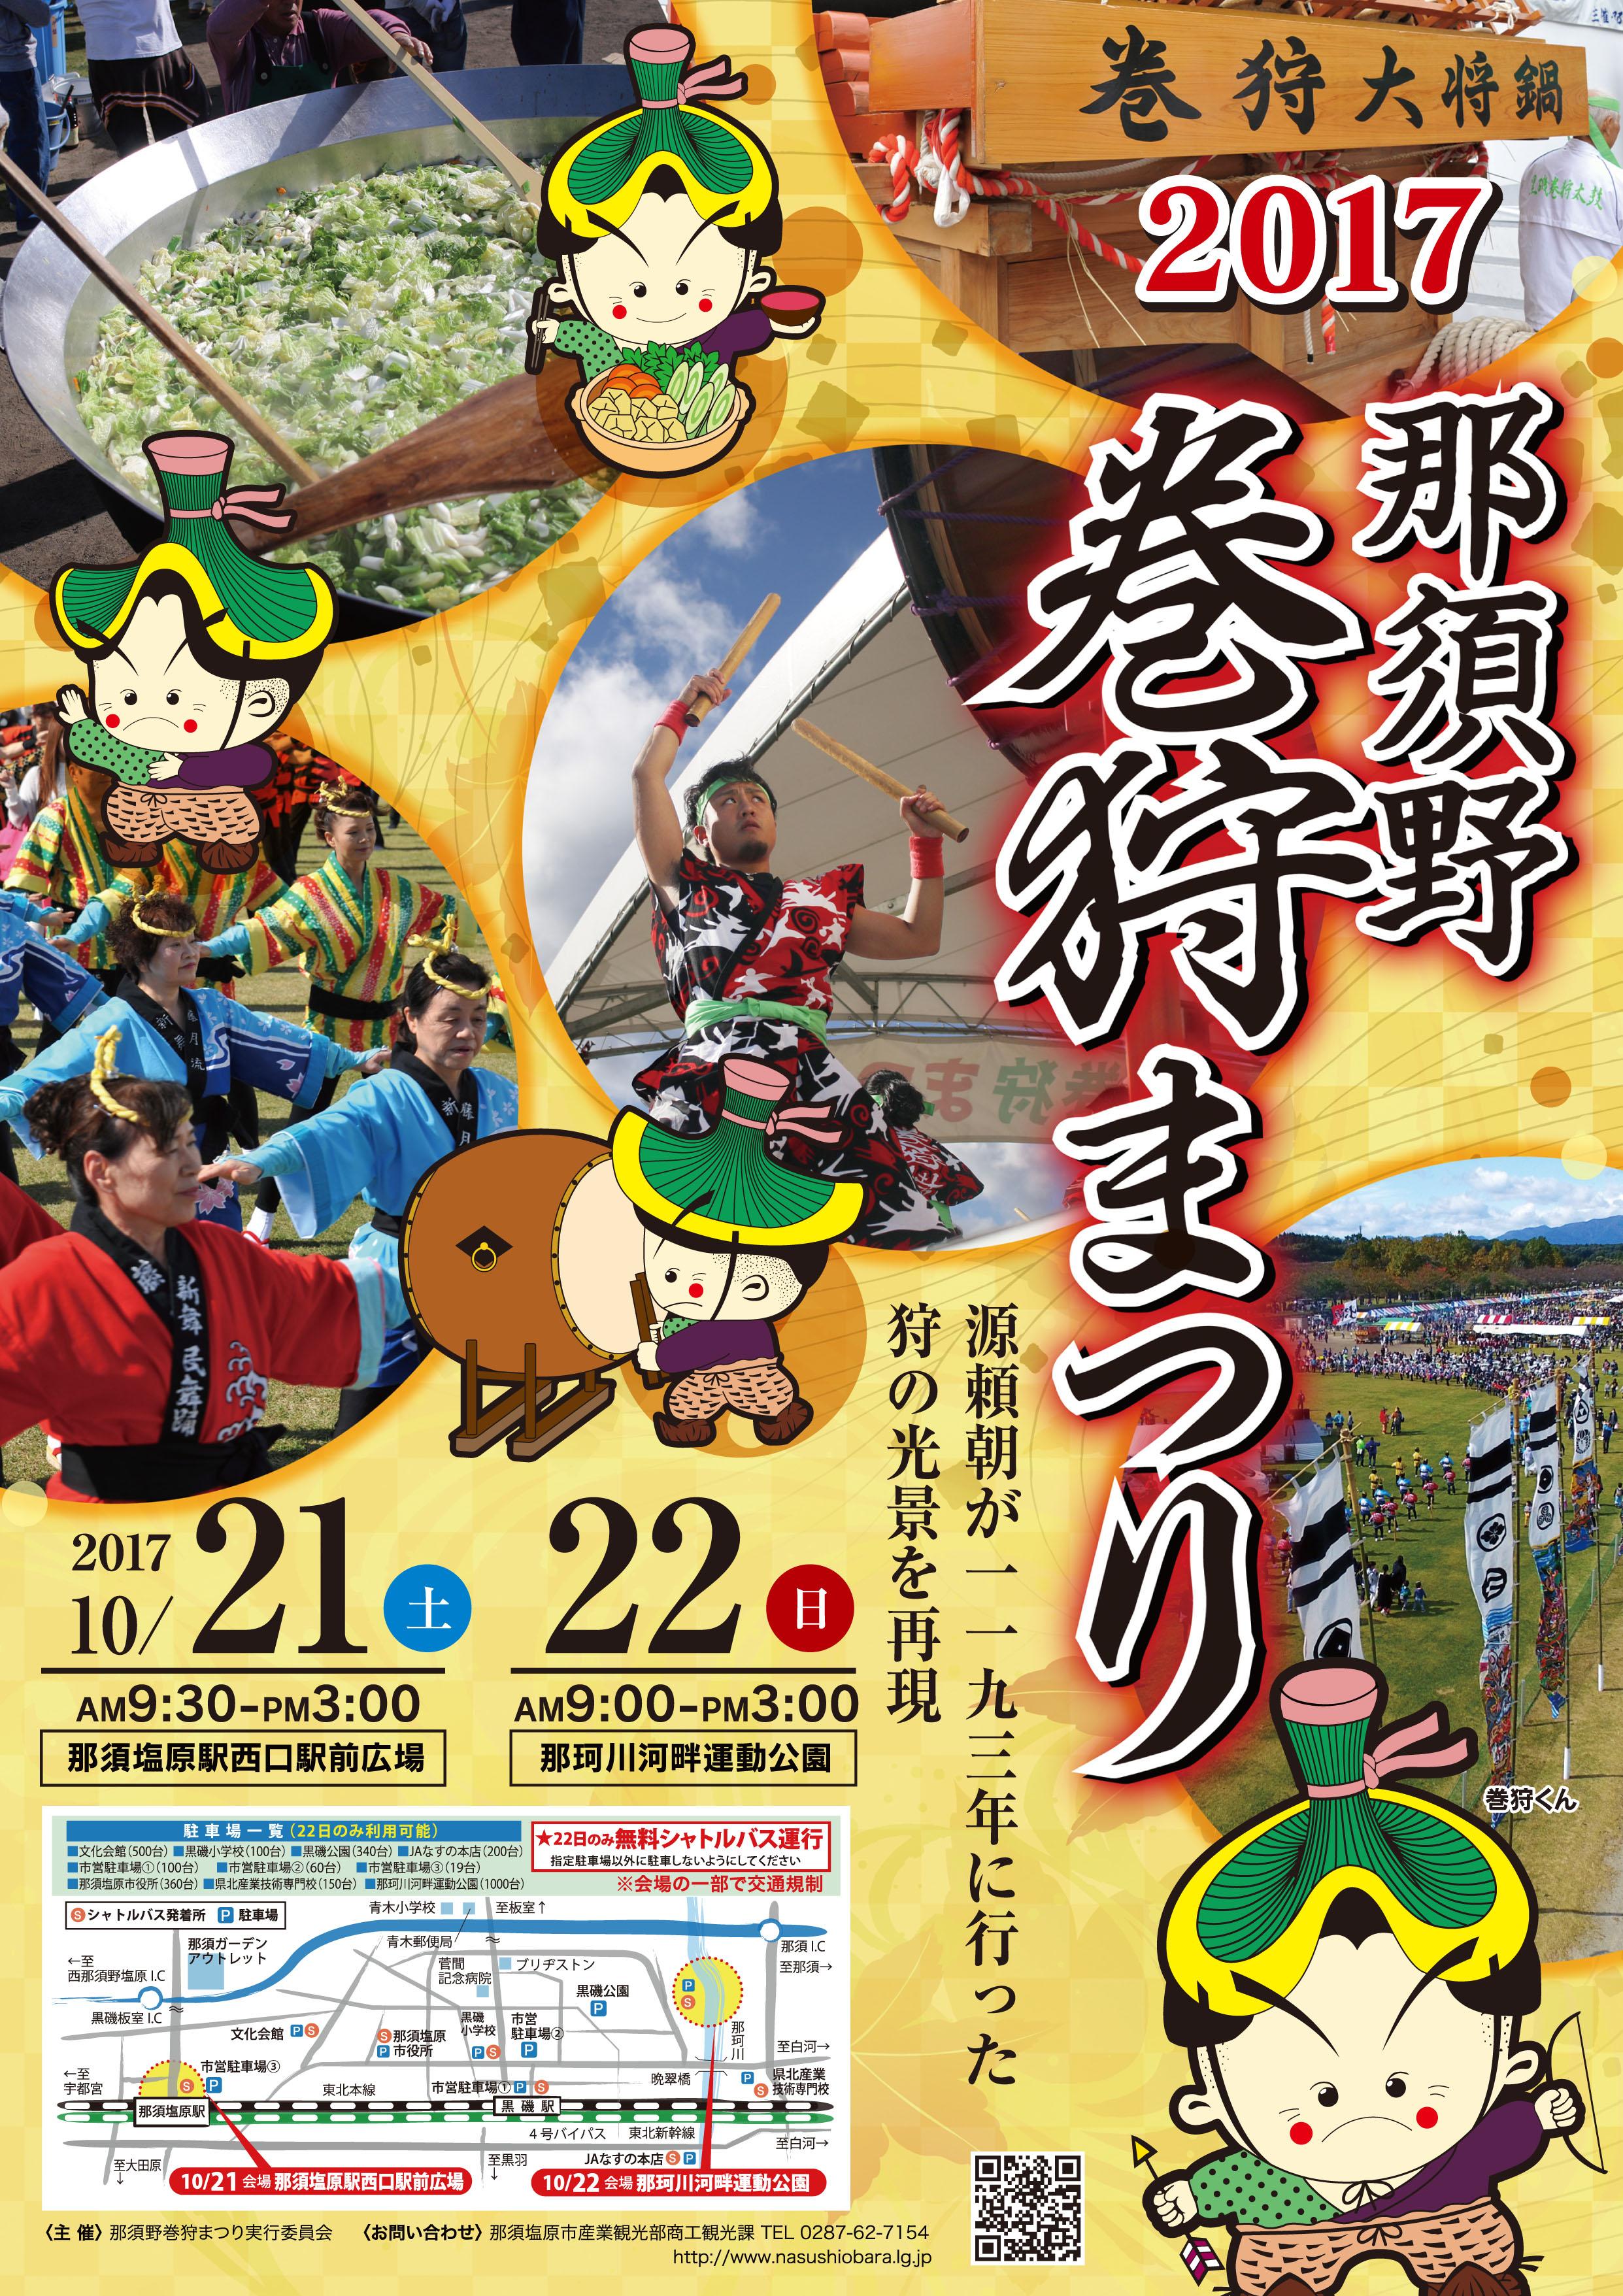 2017年9月25日巻狩り祭り